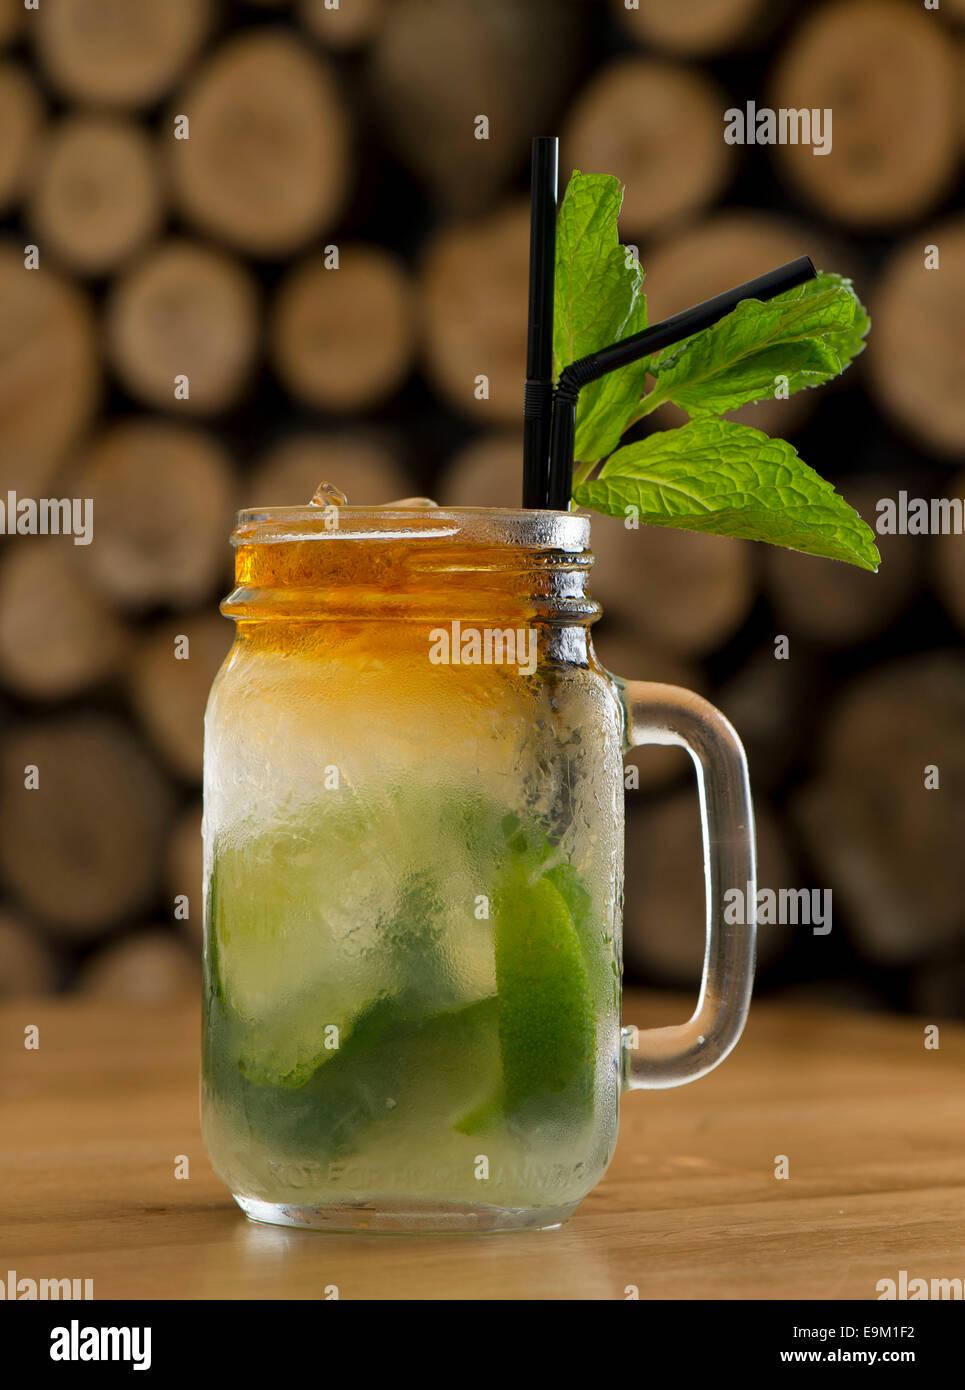 Un mojito bevande cocktail serviti con la menta, tigli, zucchero e rum in un bar. Immagini Stock